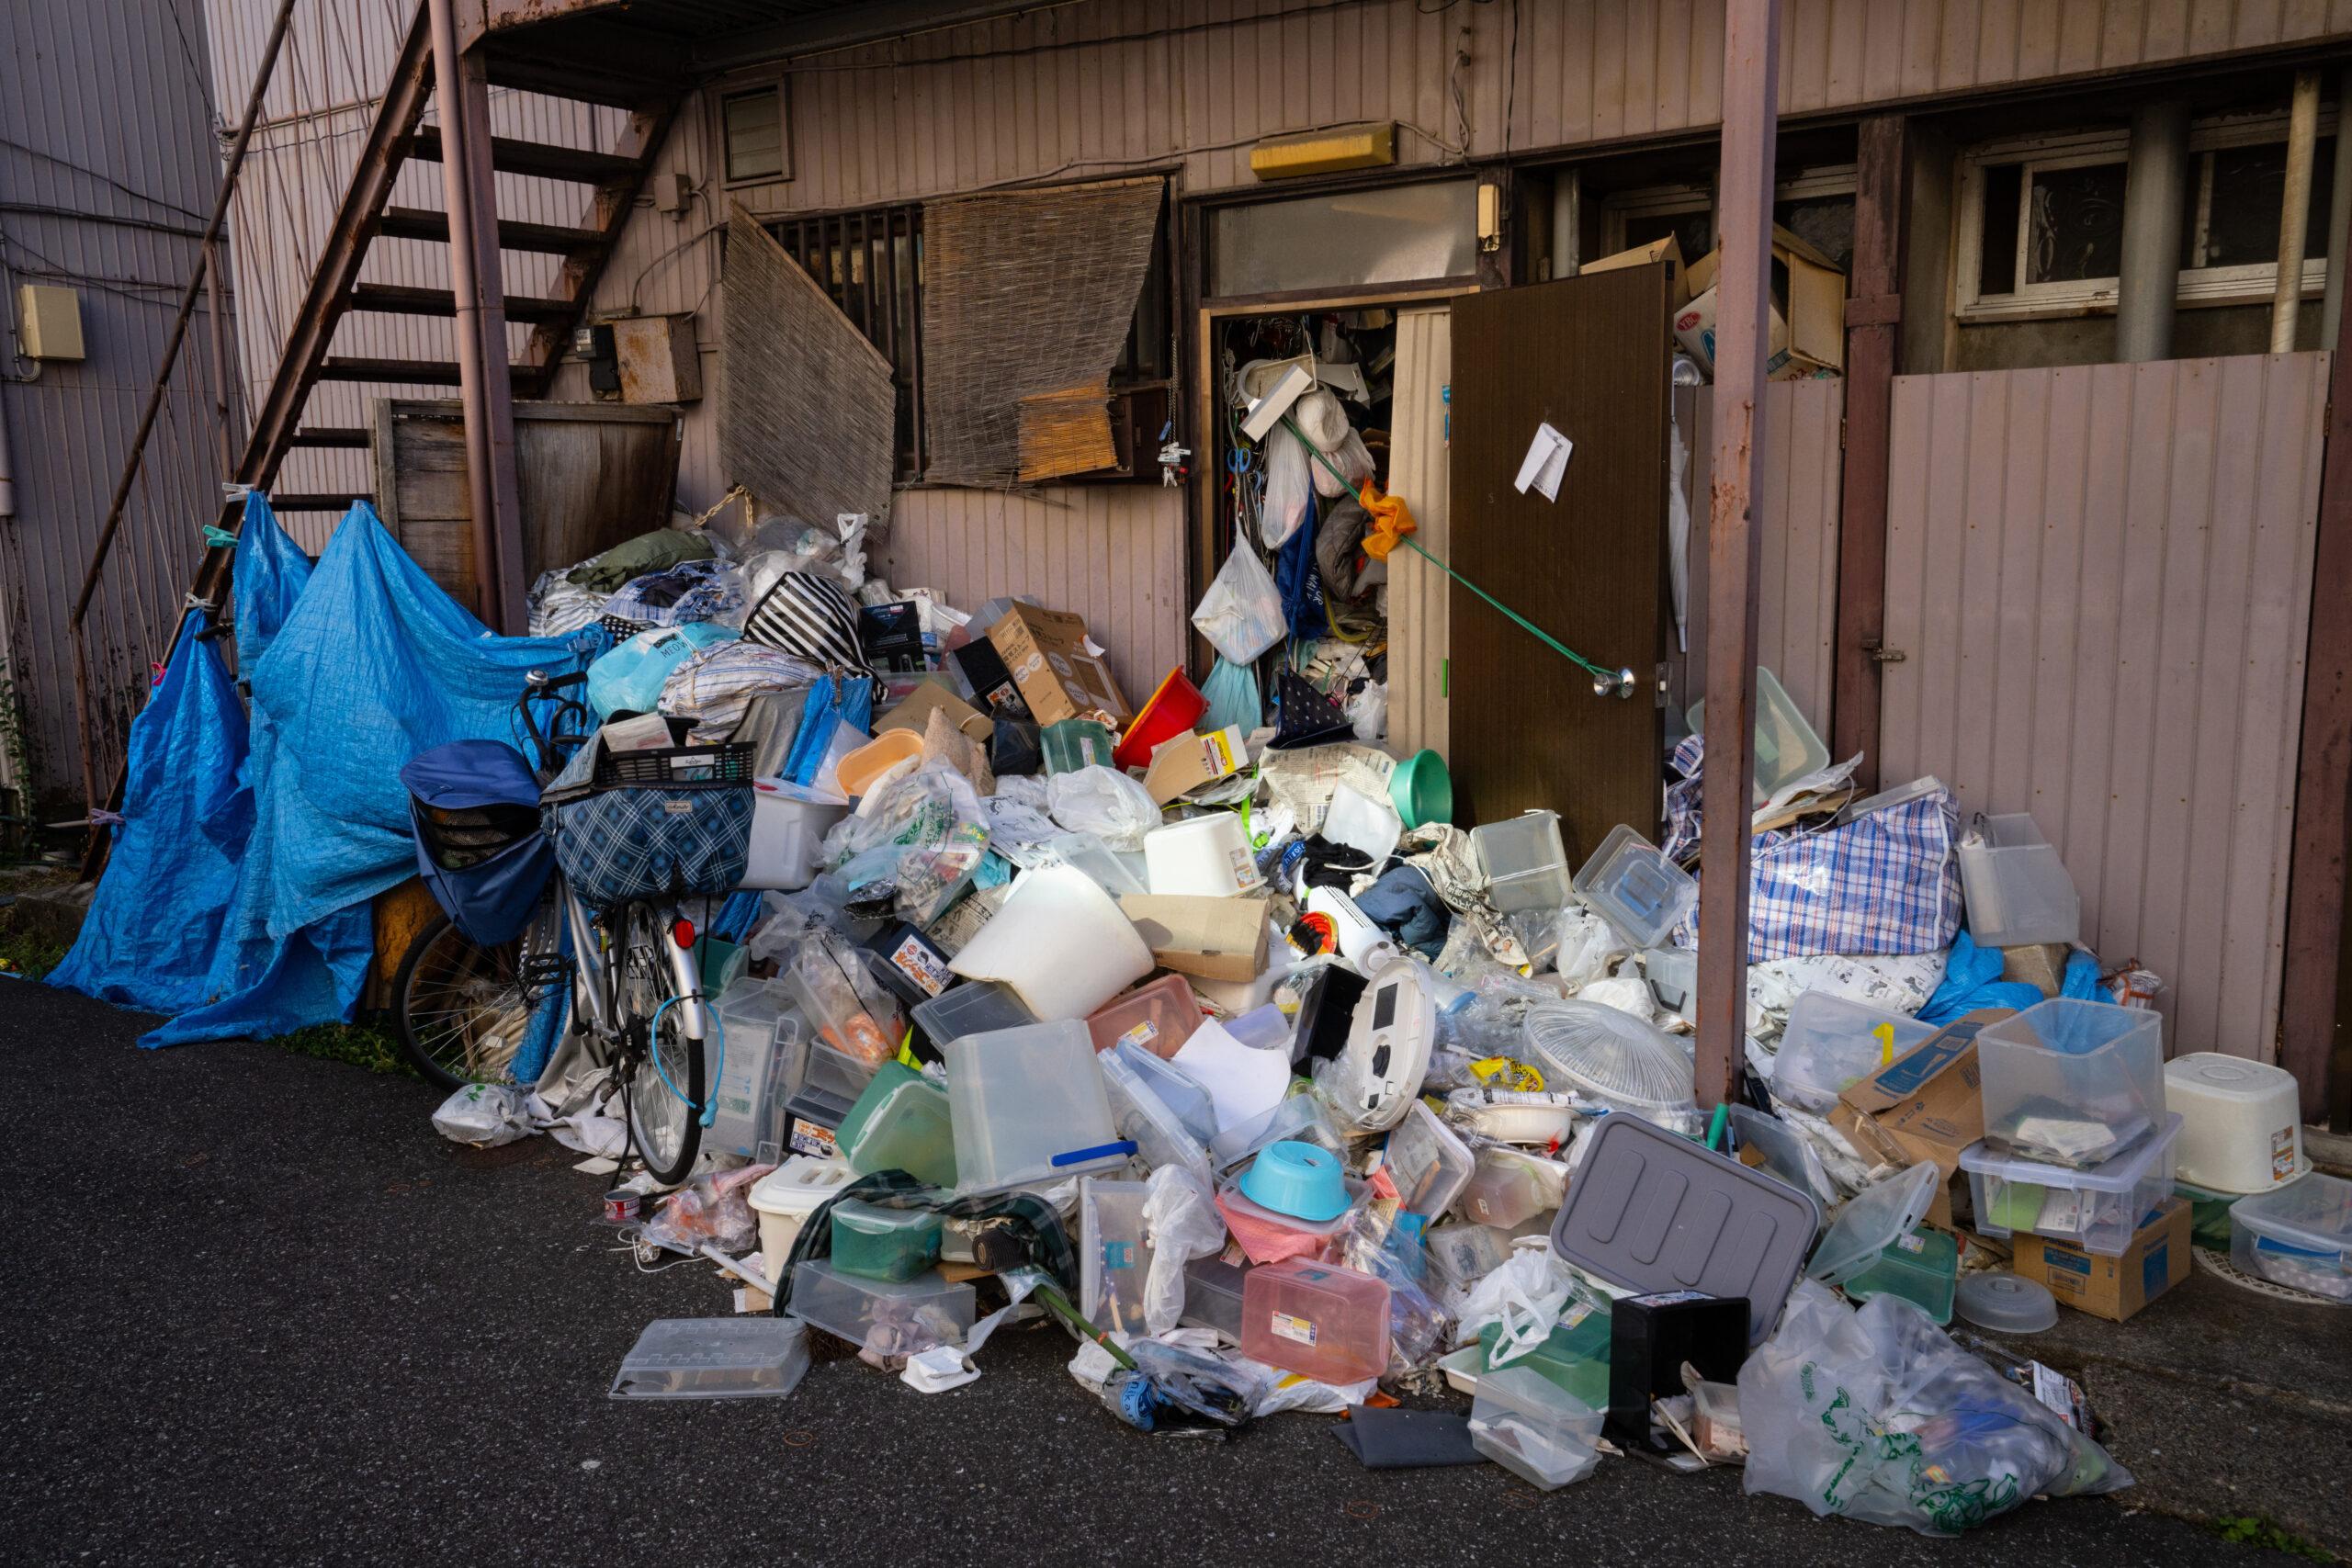 ゴミの山、ゴミ屋敷、積み上がったゴミに囲まれたアパート